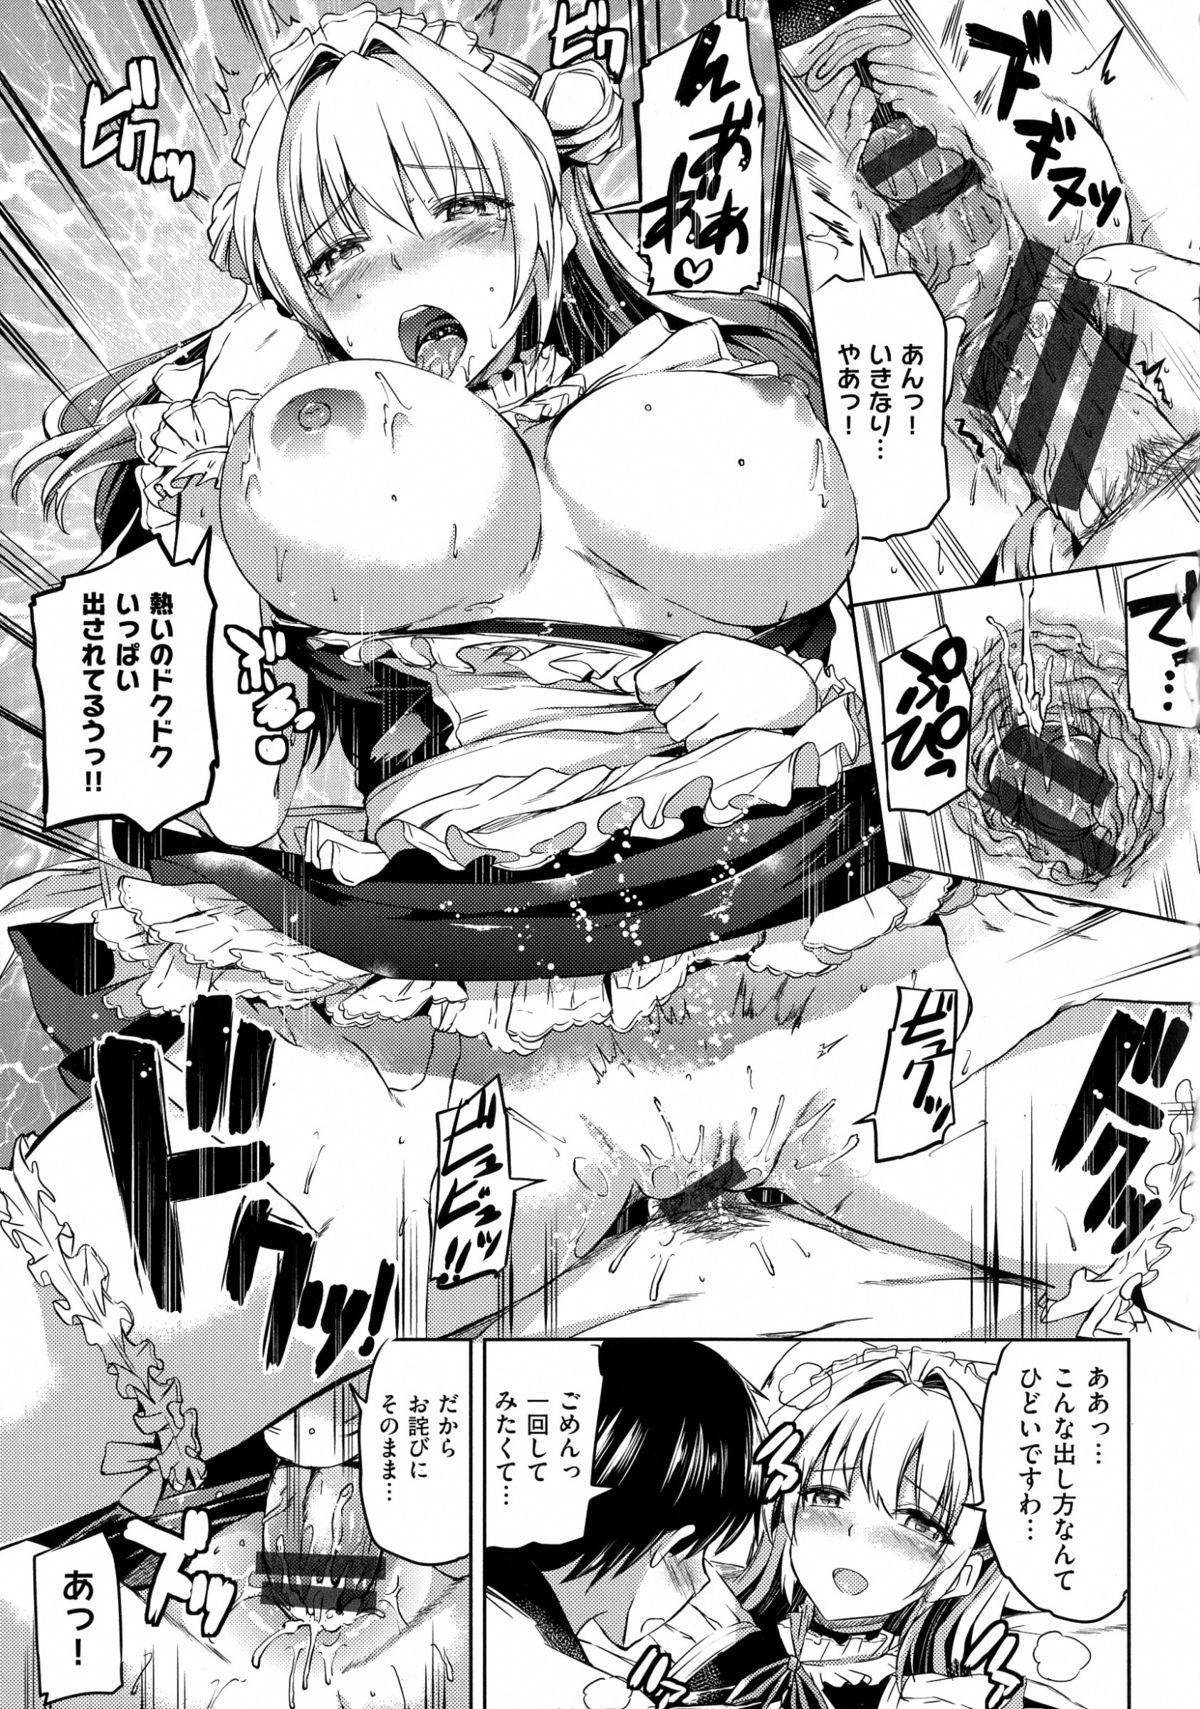 Ojou-sama no Maid Jijou 28